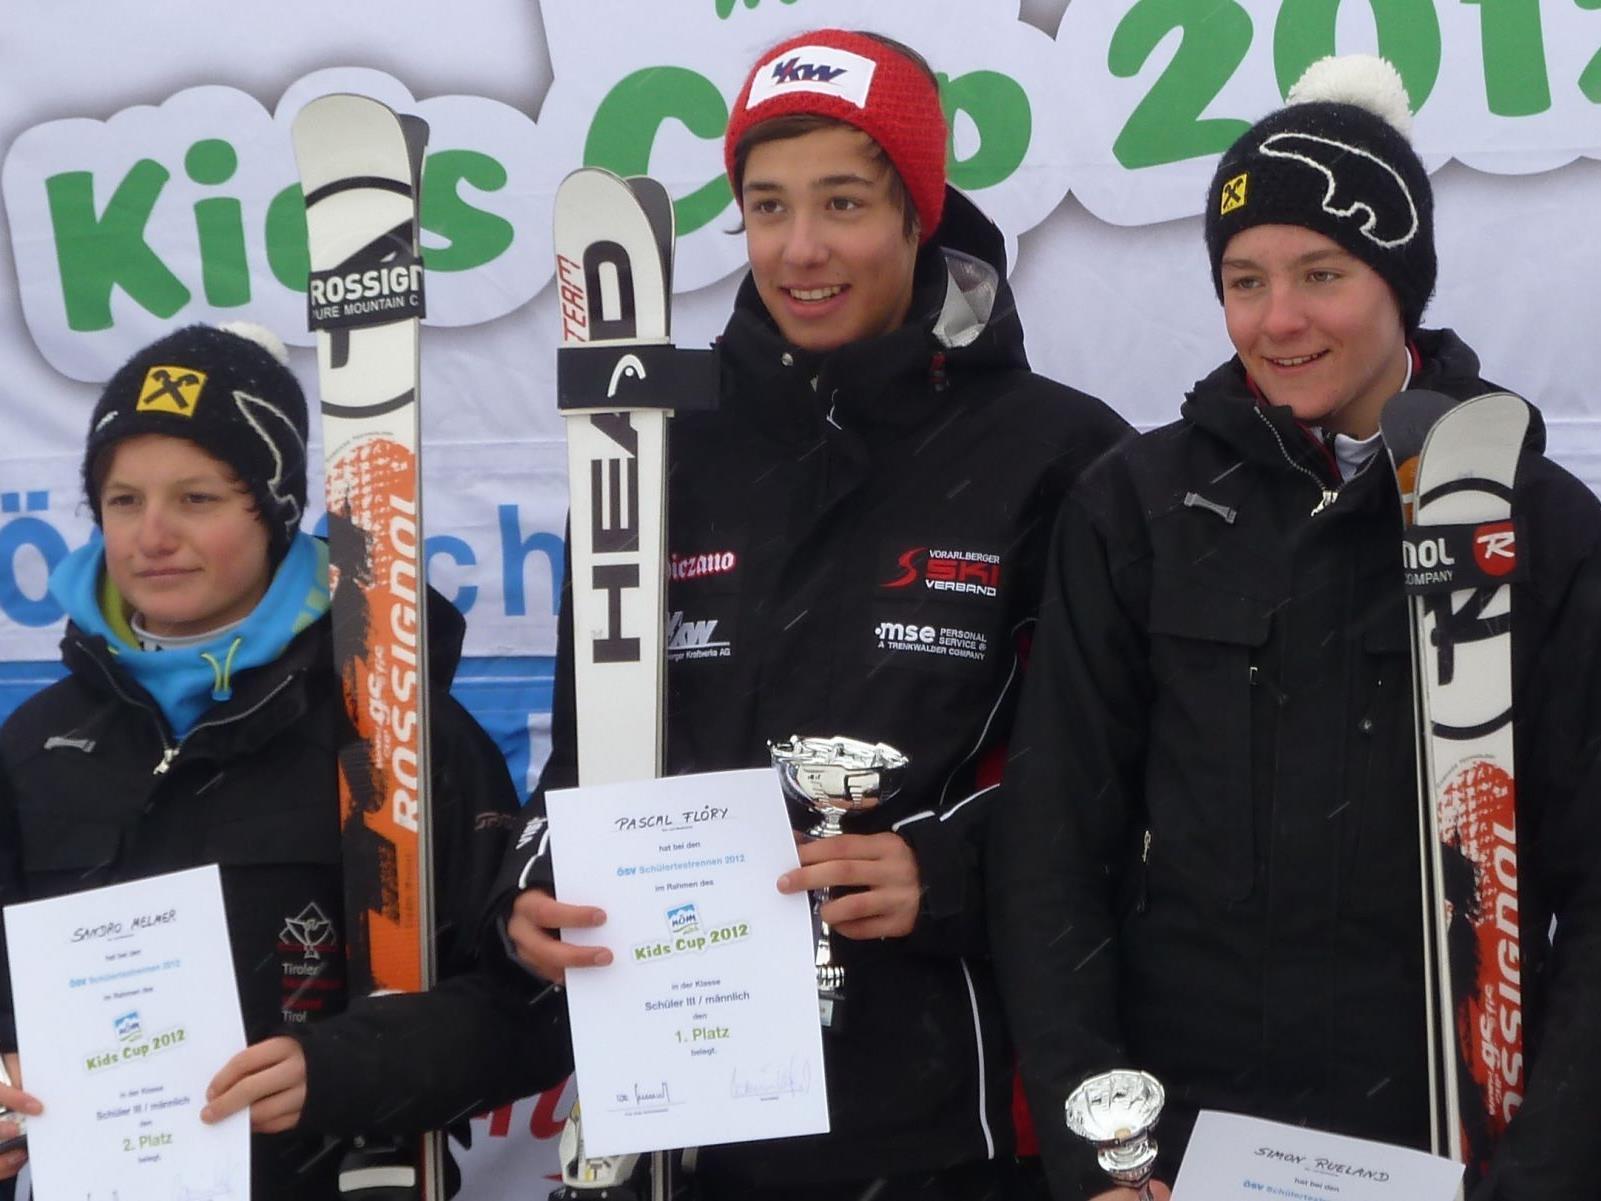 Der Schrunser Flöry gewann das ÖSV-Testrennen.